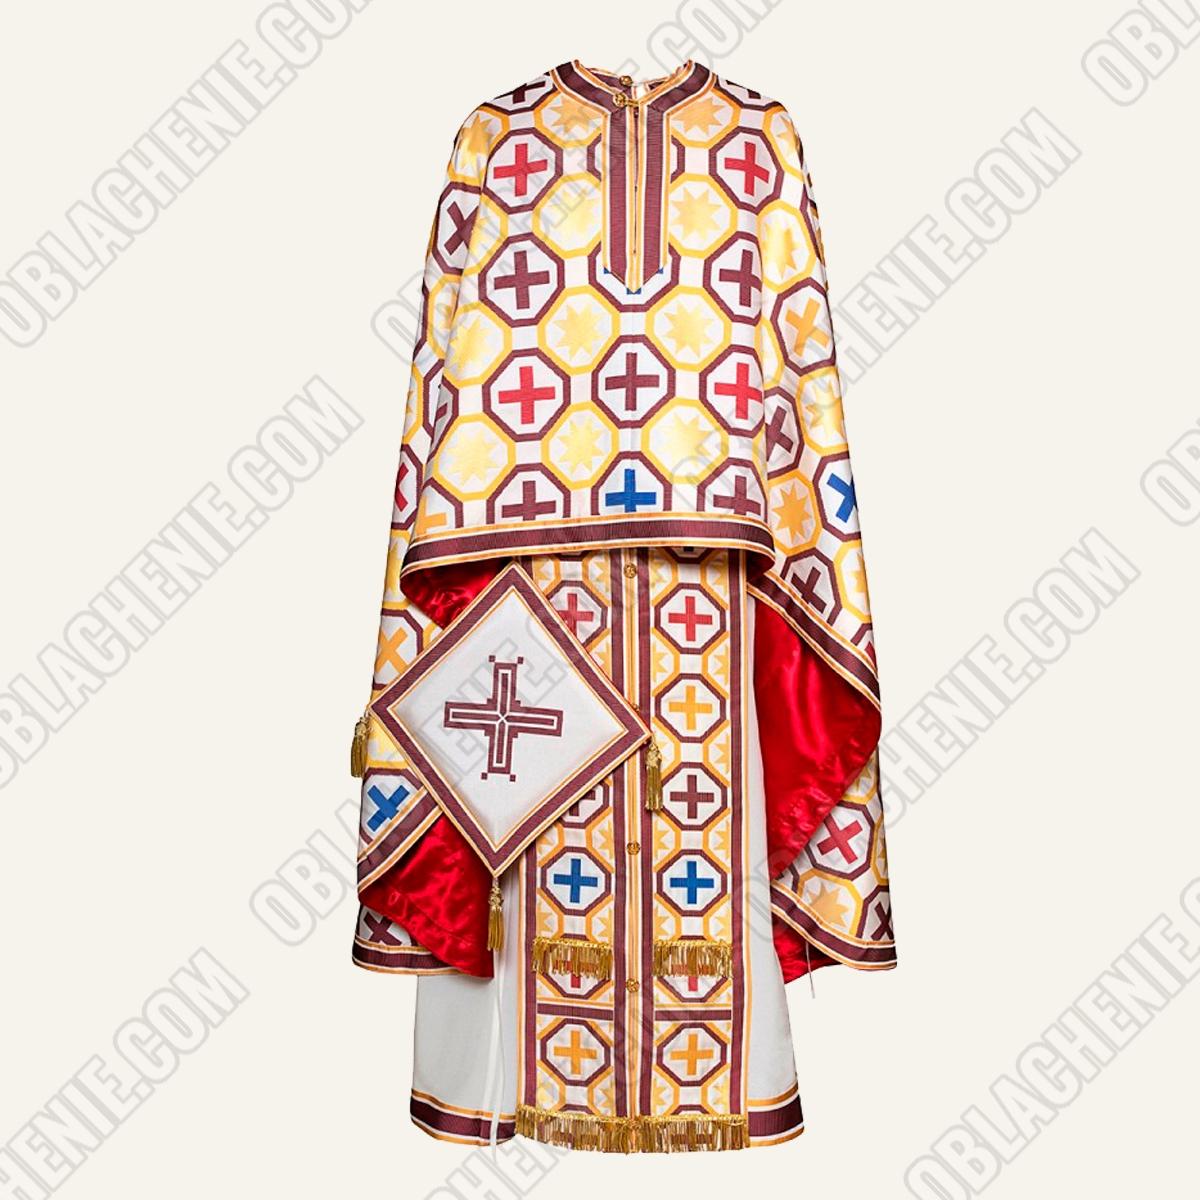 PRIEST'S VESTMENTS 11024